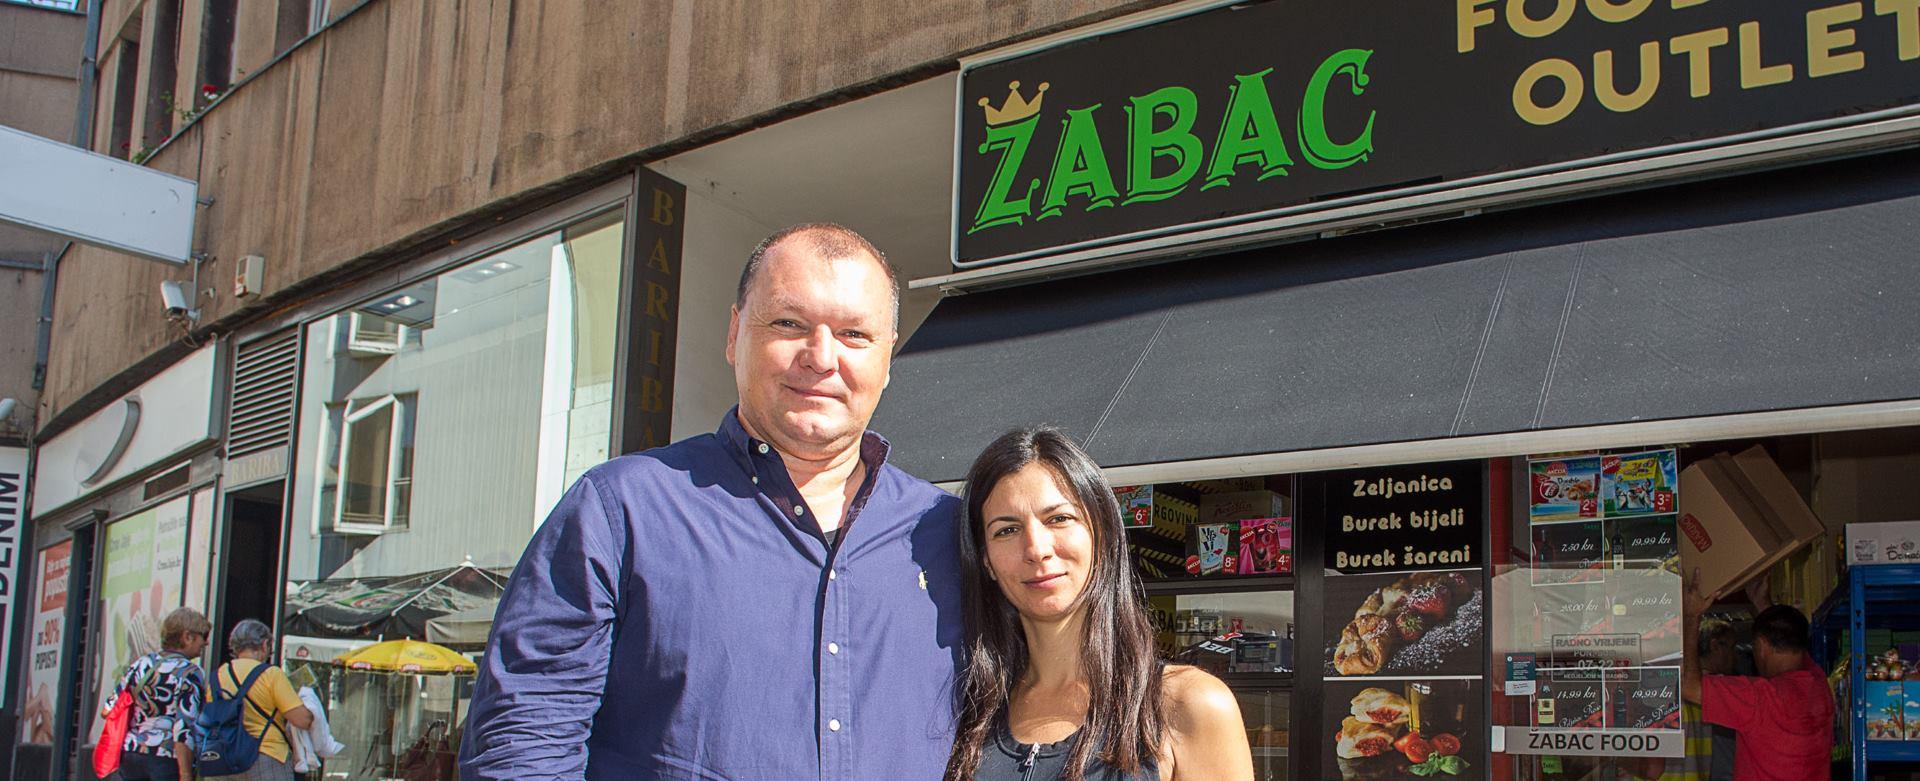 FOTO: Otvoren prvi hrvatski Food Outlet 'Žabac'